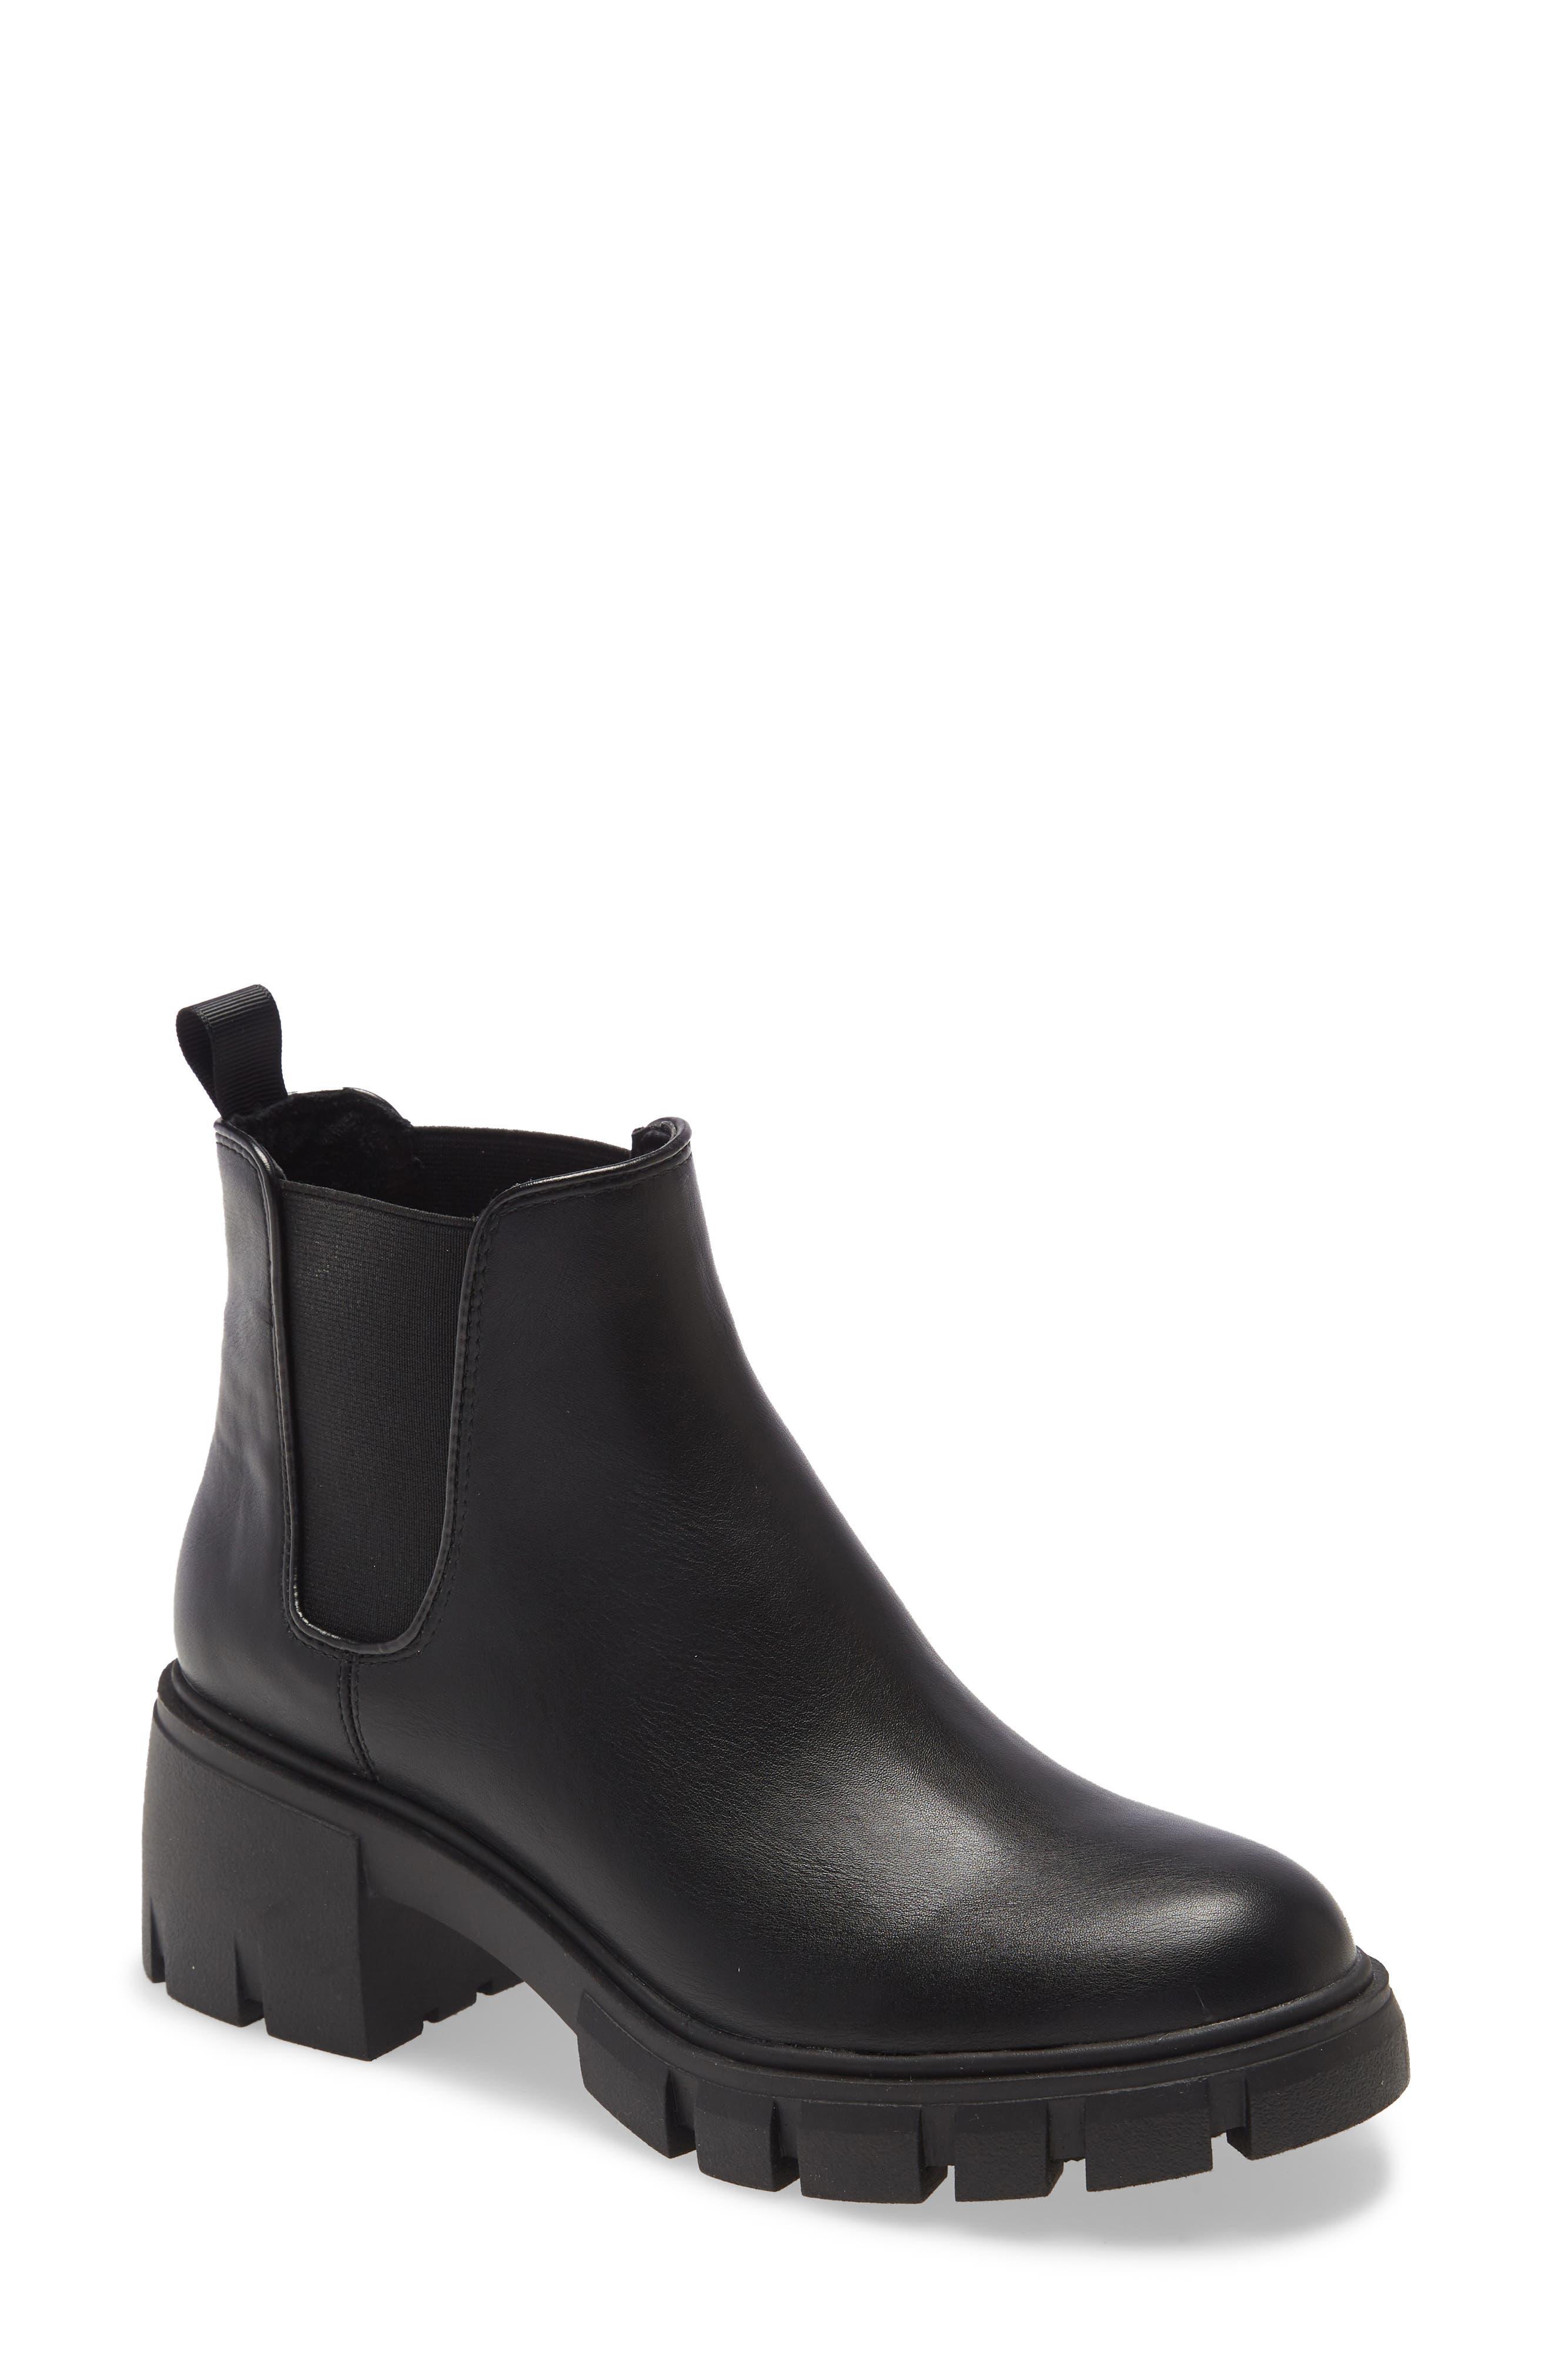 Women's Booties \u0026 Ankle Boots | Nordstrom